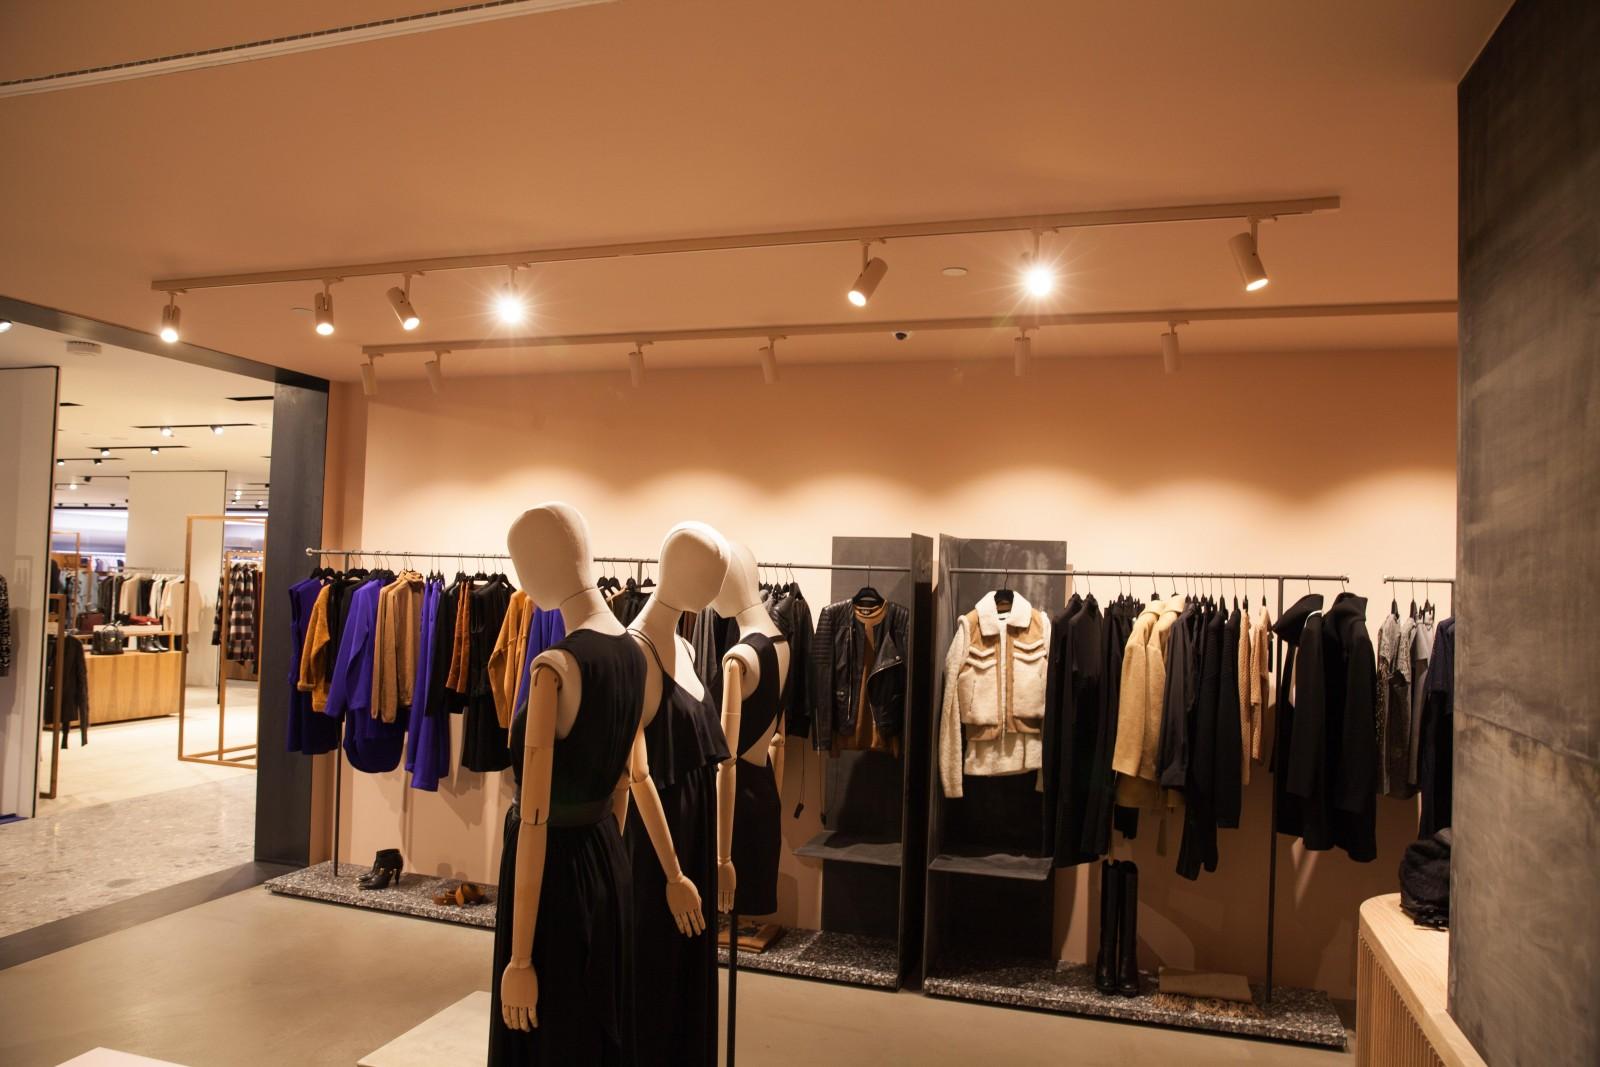 <h1>High End Fashion Store </h1><h4>Belysning Klassisk Messing armaturer og skinnespots med LED-kvalitets lys</h4>